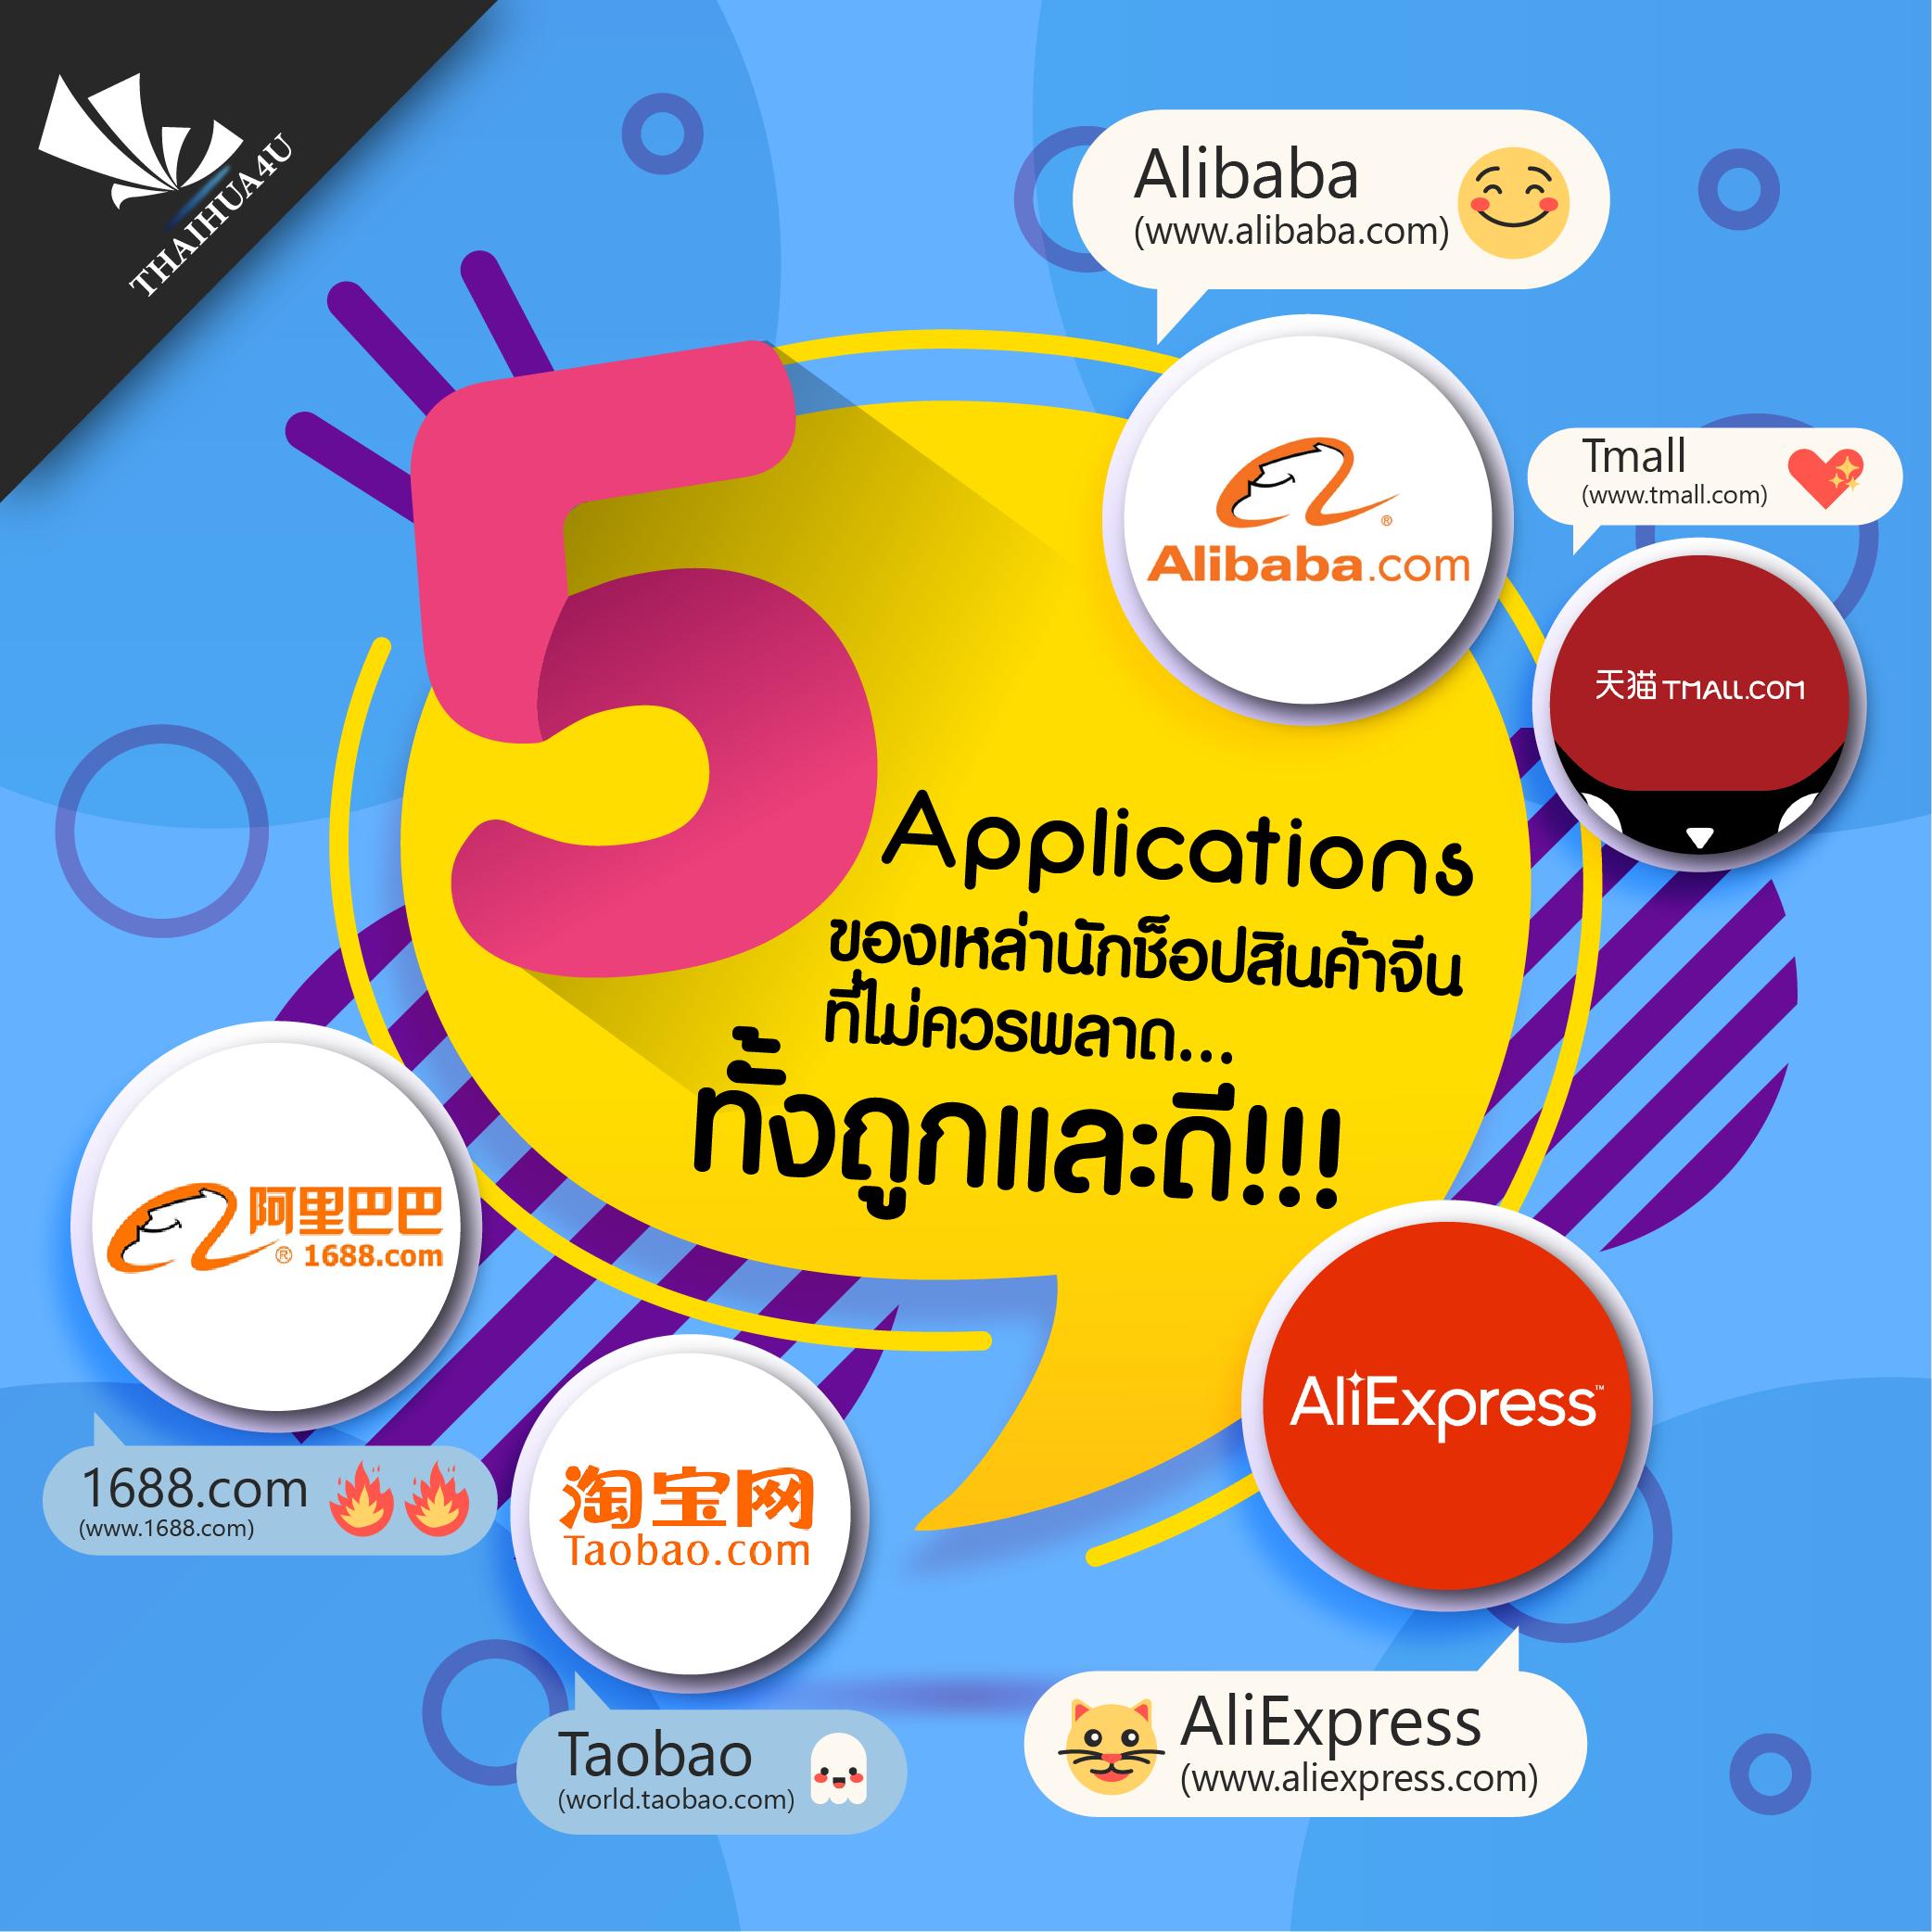 5 Applications ของเหล่านักช็อปสินค้าจีนที่ไม่ควรพลาด ทั้งถูกและดี!!!